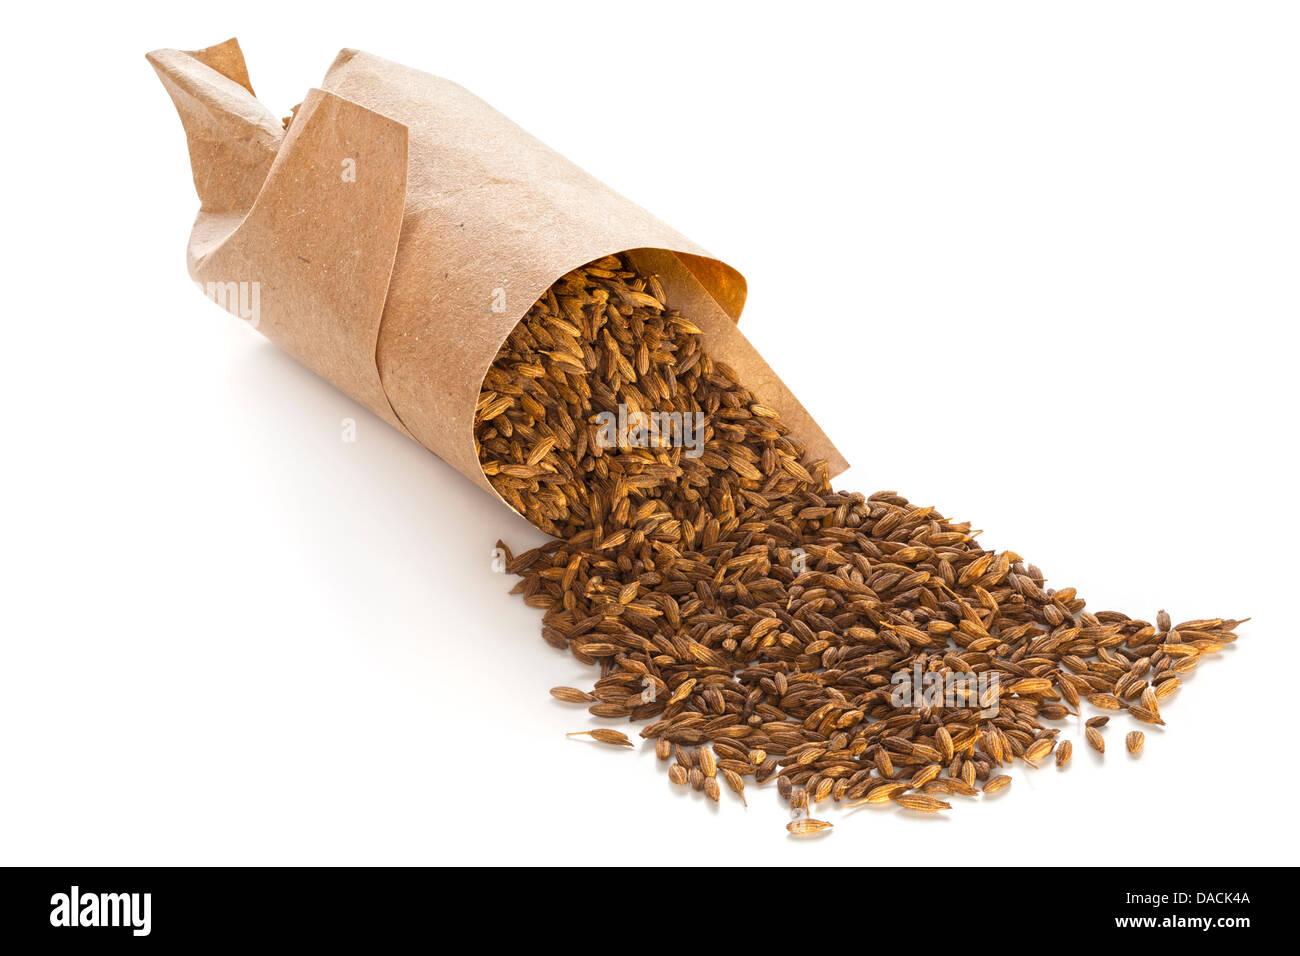 Les graines de cumin grillées déversant de torsion de papier brun, sur fond blanc avec l'ombre doux Photo Stock